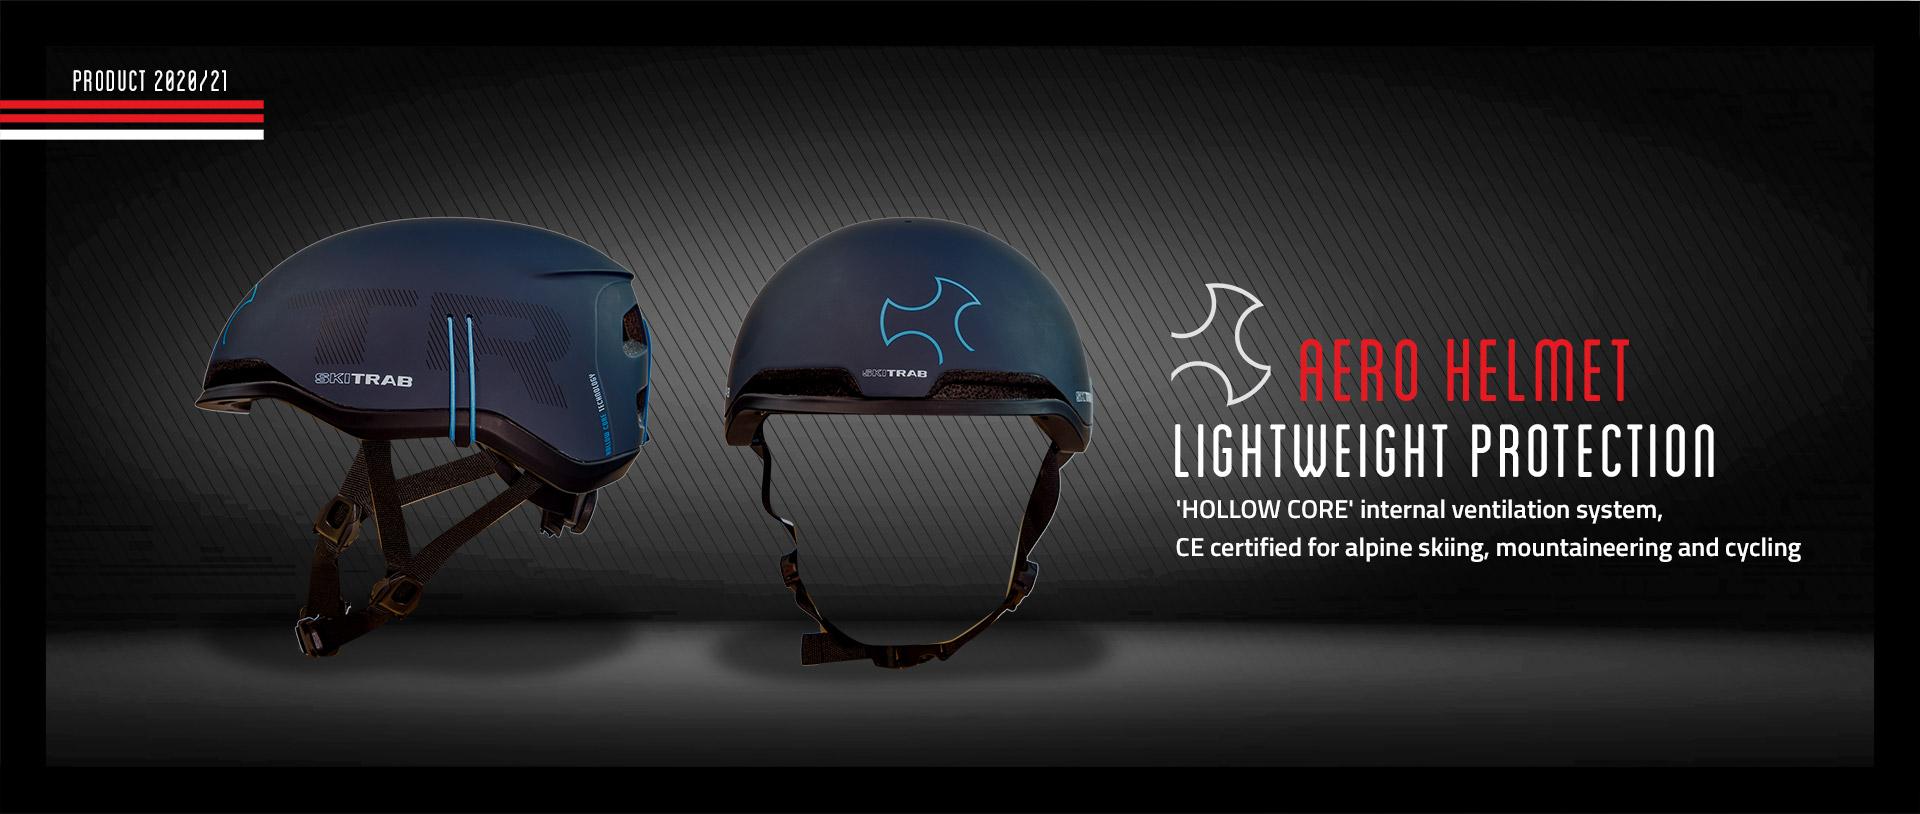 home_4_com_Aero_Helmet